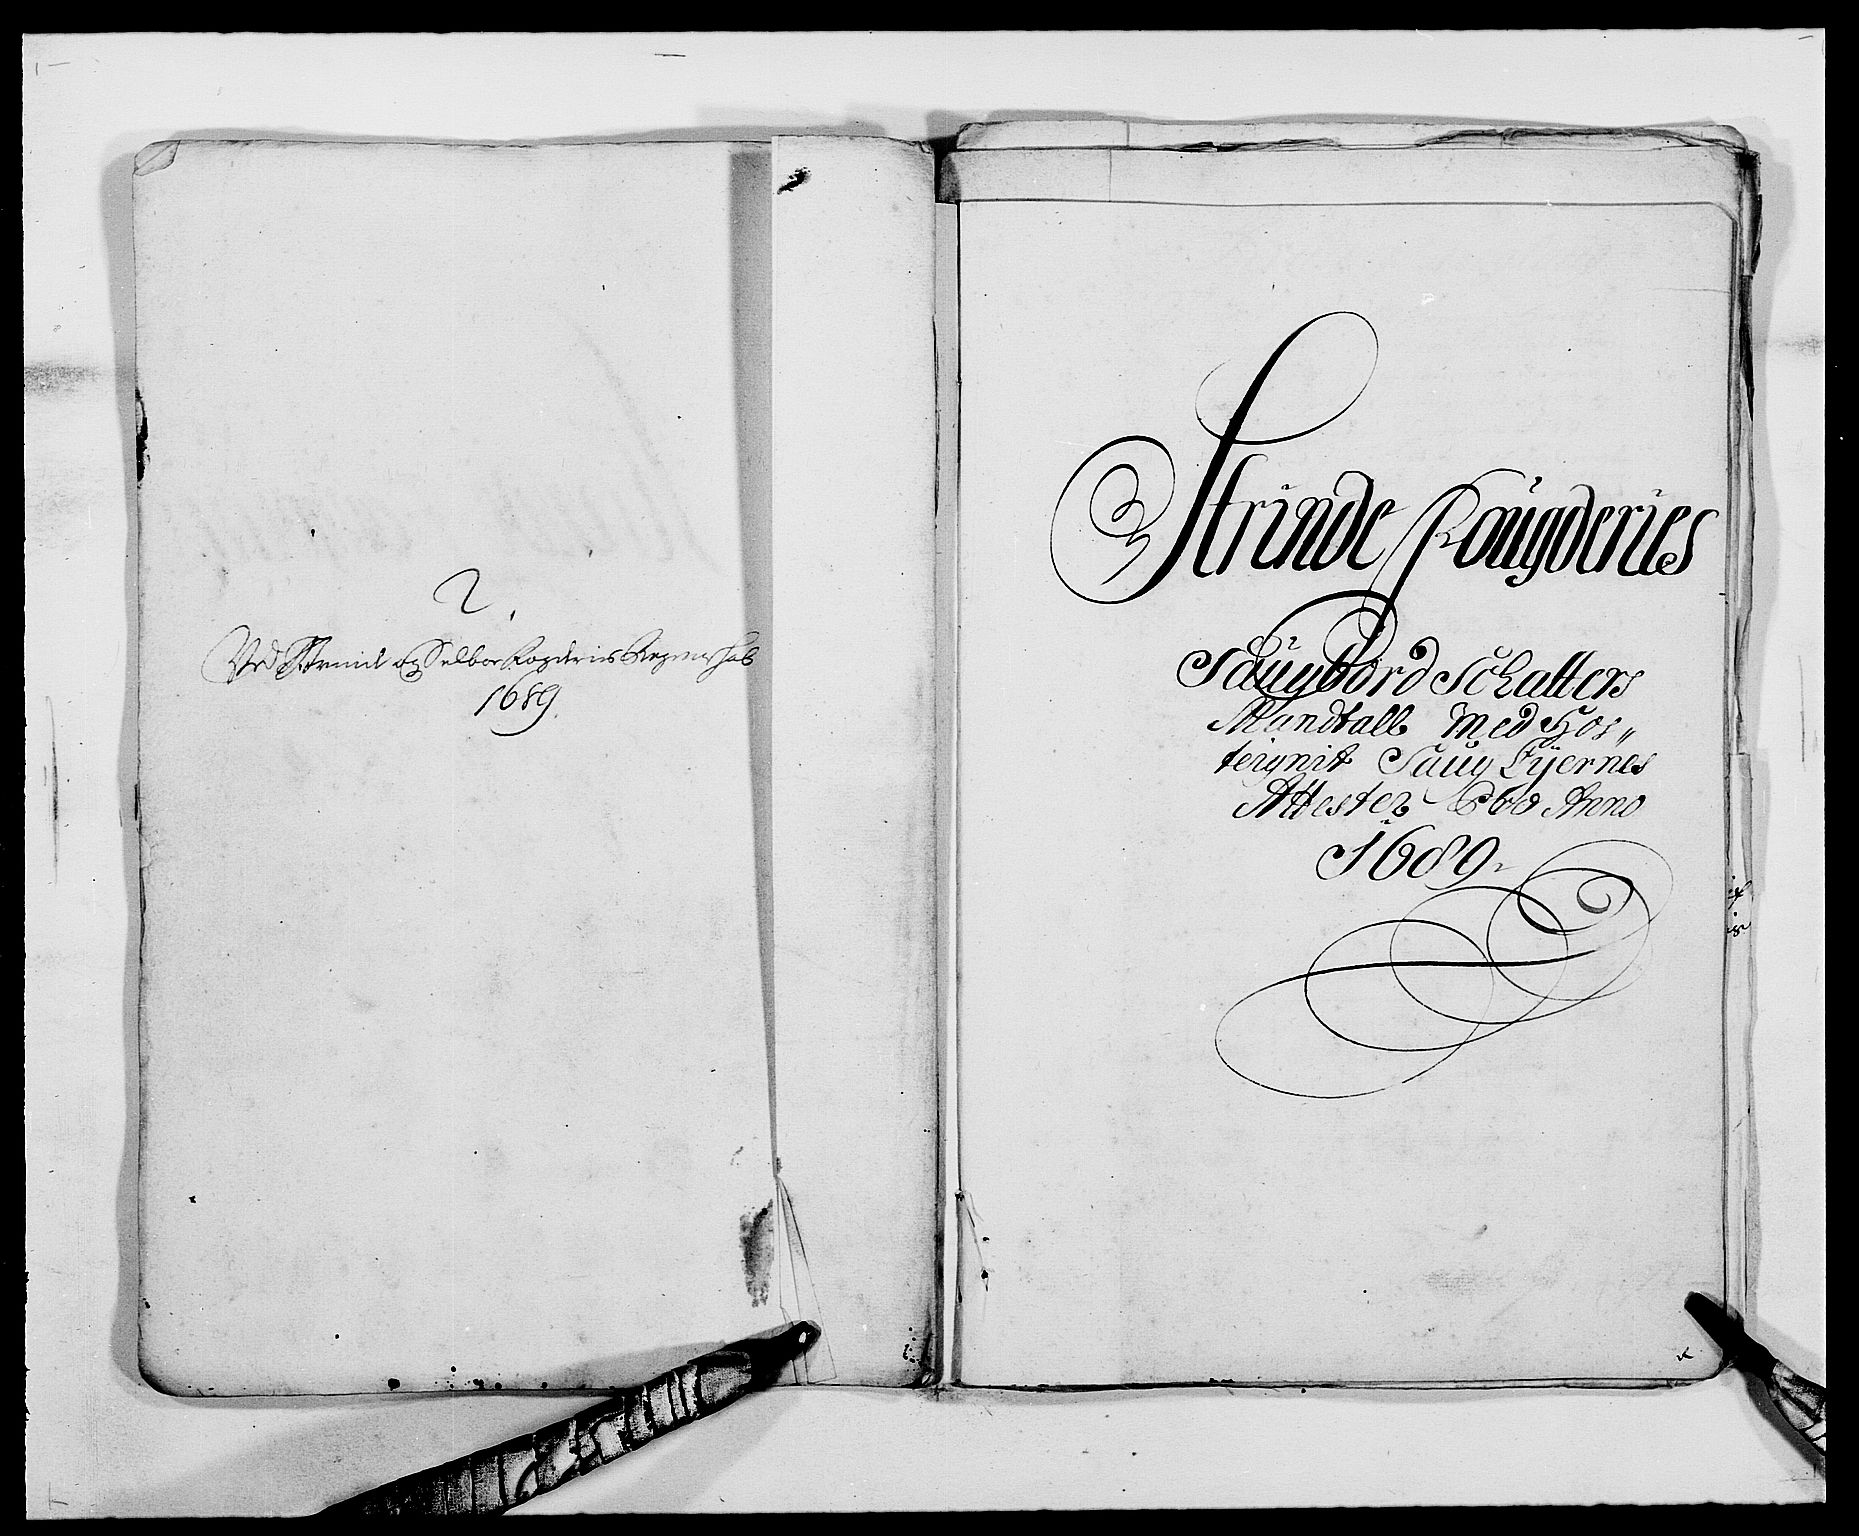 RA, Rentekammeret inntil 1814, Reviderte regnskaper, Fogderegnskap, R61/L4102: Fogderegnskap Strinda og Selbu, 1689-1690, s. 17